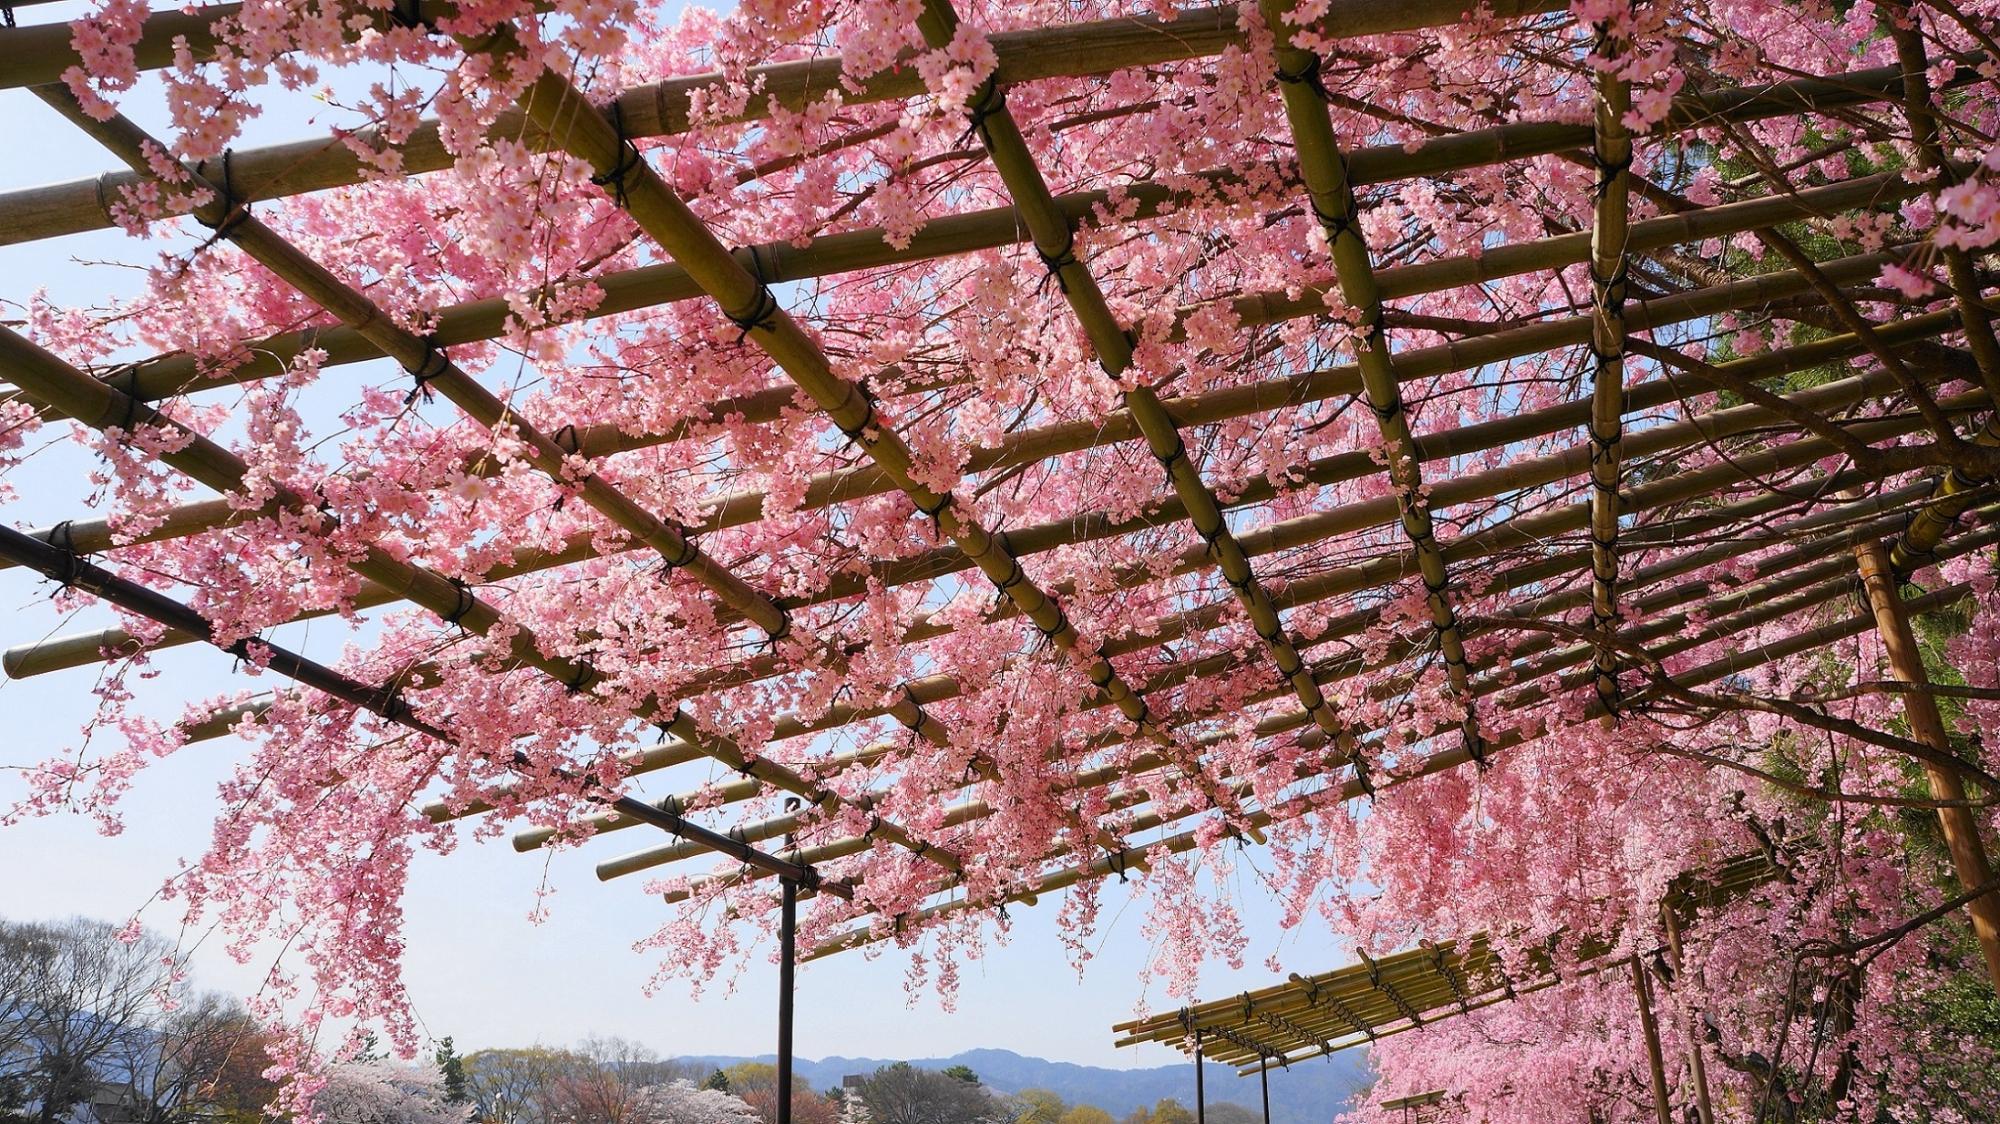 なからぎの道の空を覆う見事なしだれ桜並木